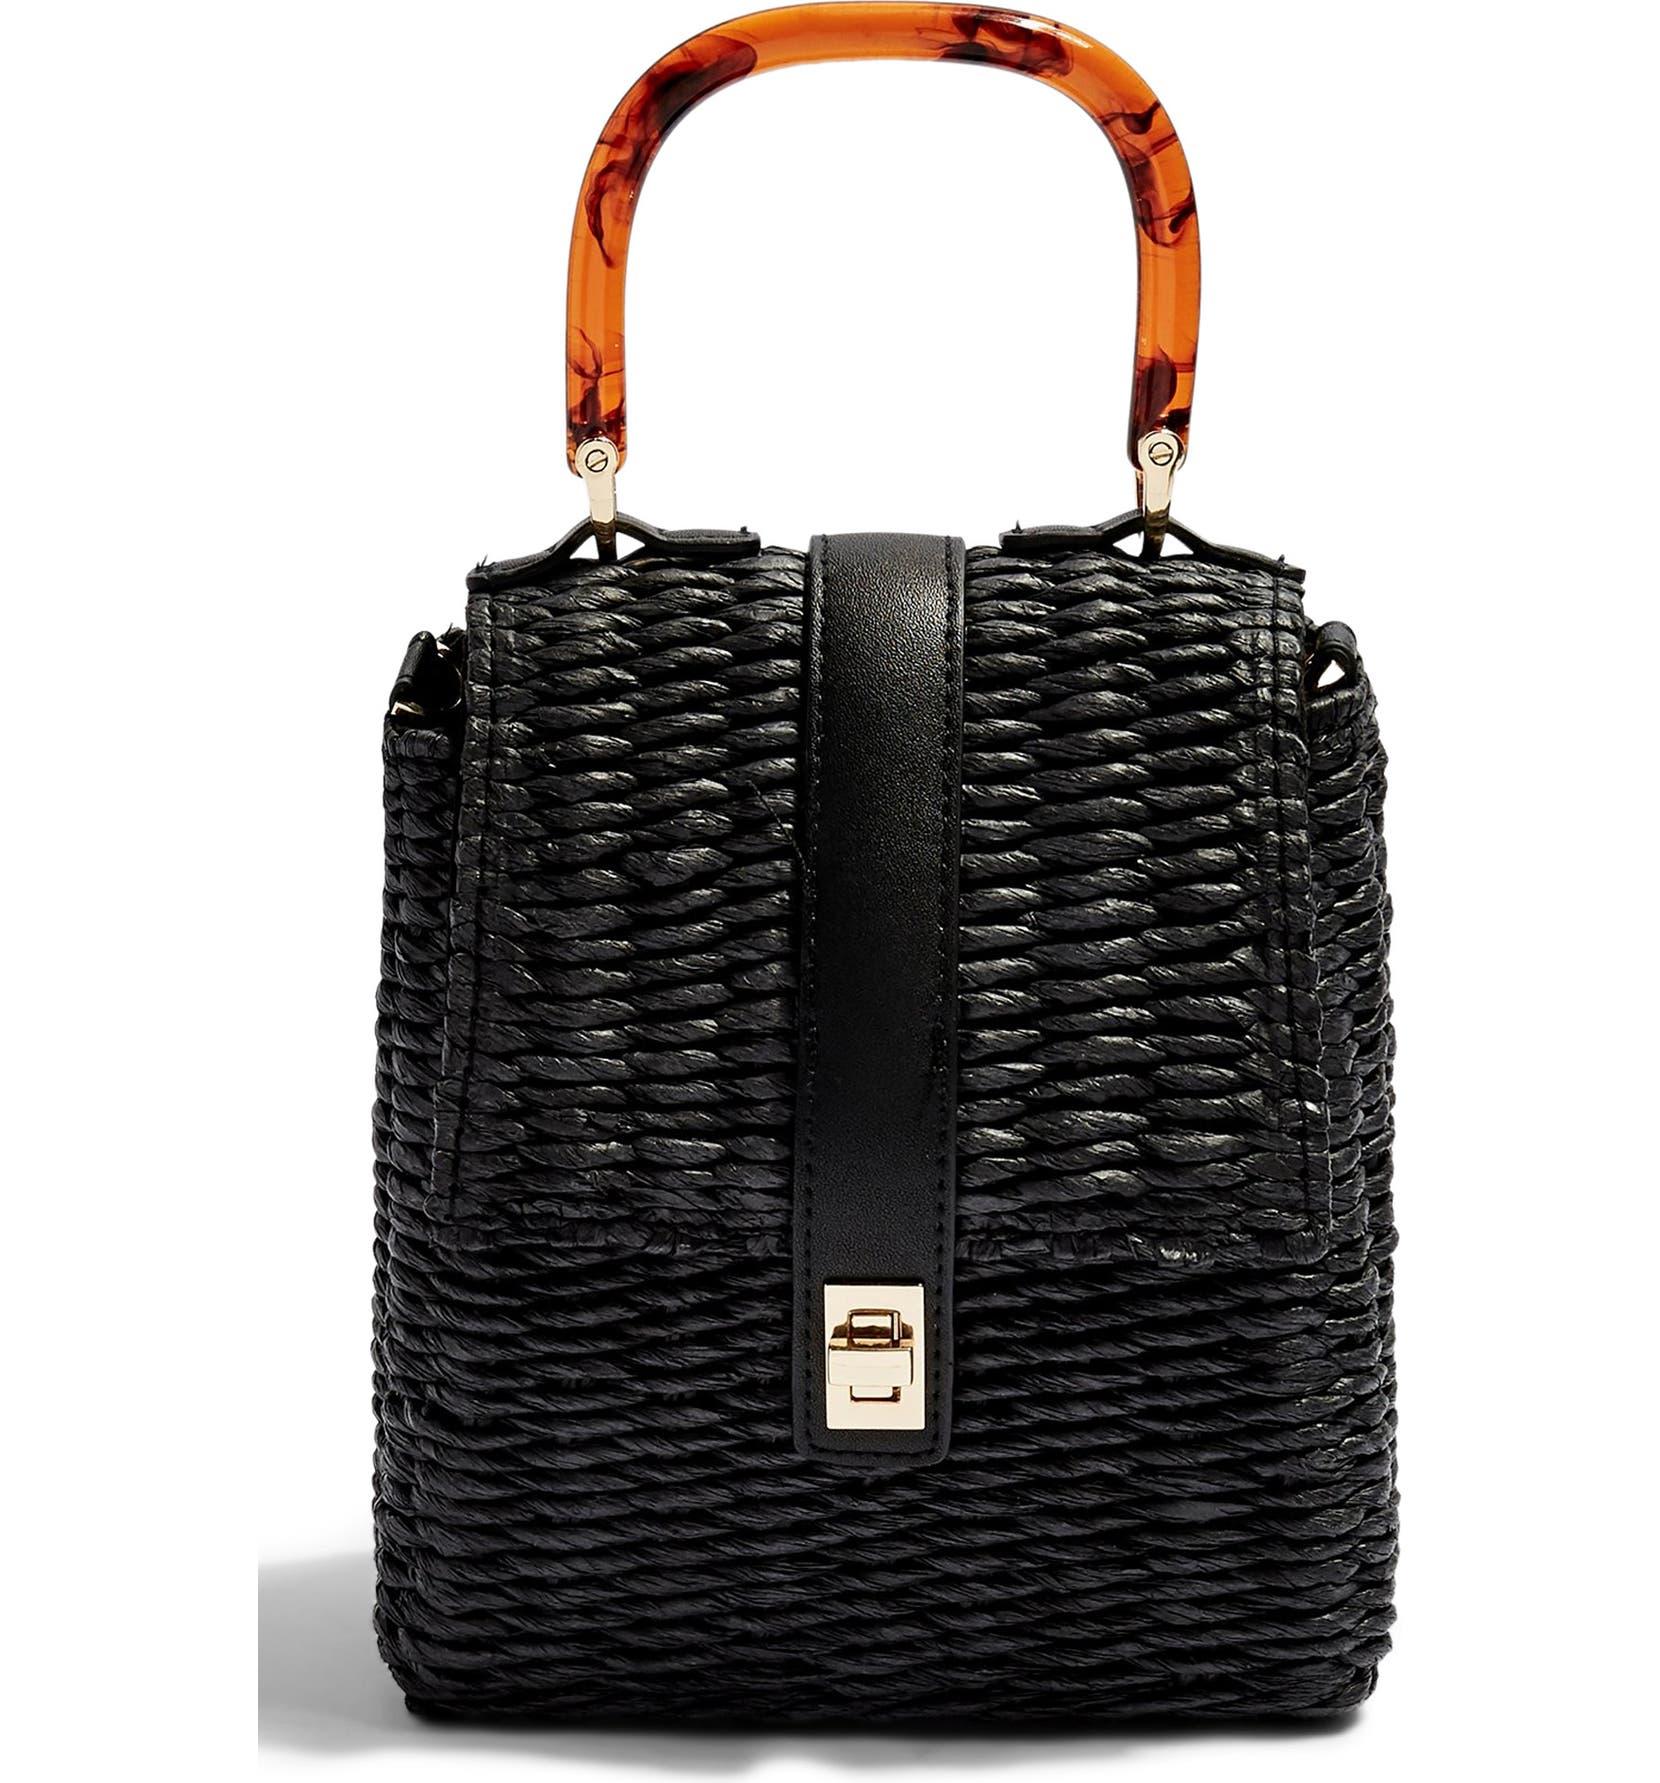 125feadd764c Skyla Top Handle Straw Grab Bag